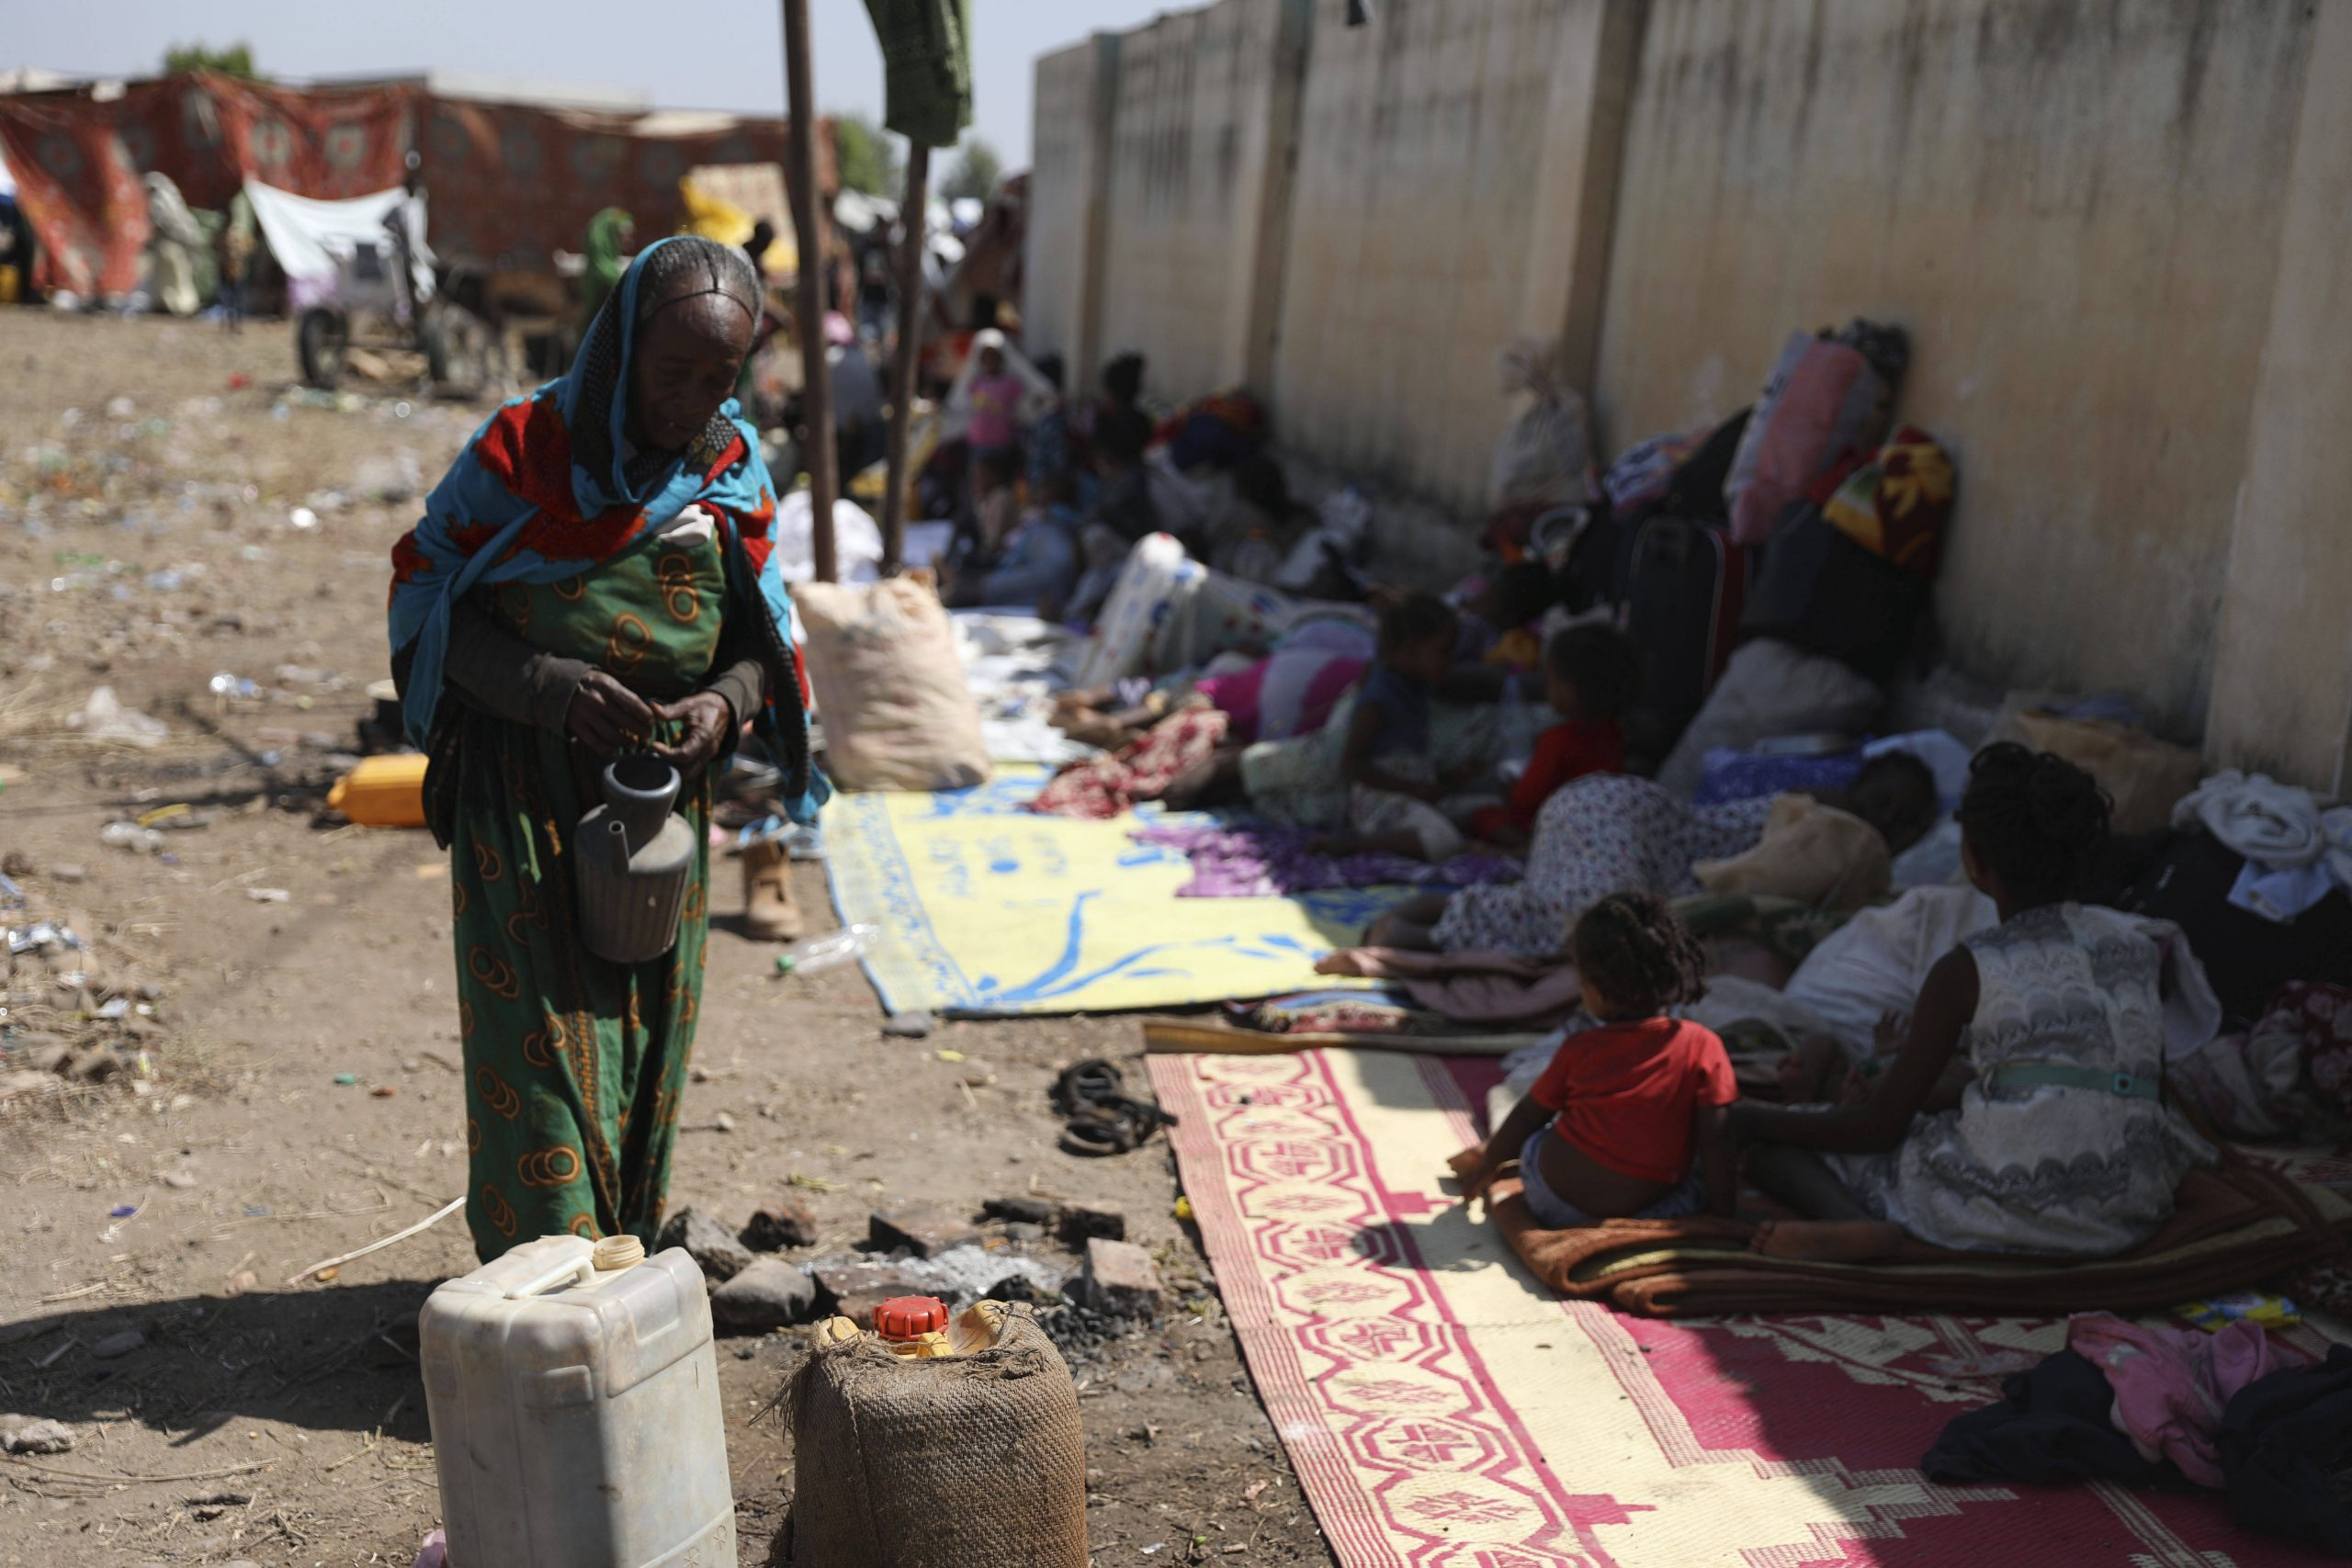 Des réfugiés éthiopiens en provenance de la région du Tigré, en conflit avec Addis-Abeba, arrivent au Soudan le 14 novembre 2020.